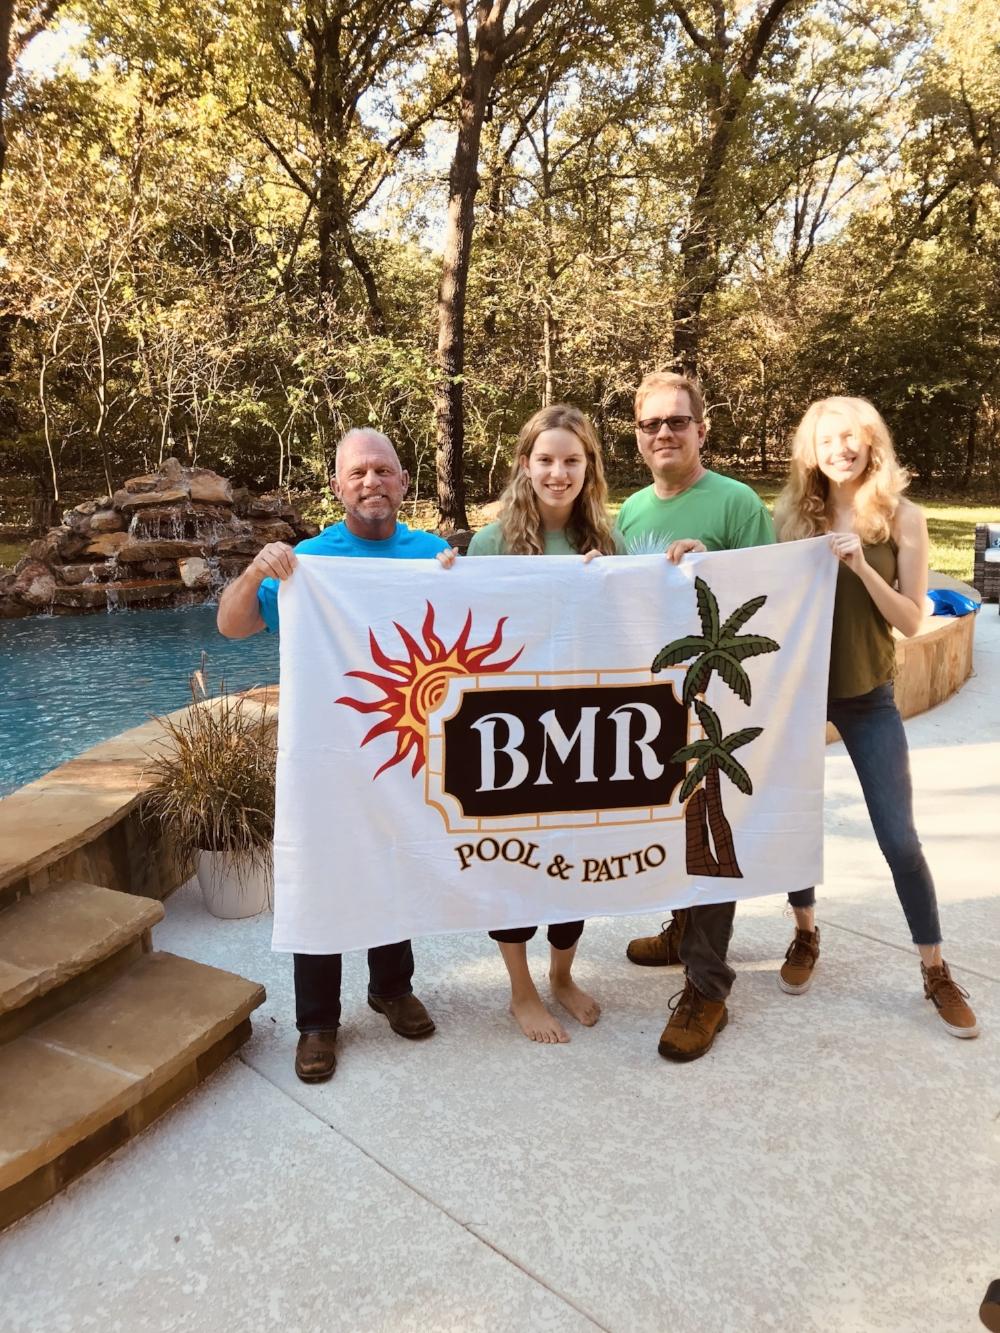 Towel BMR Pool & Patio.jpg